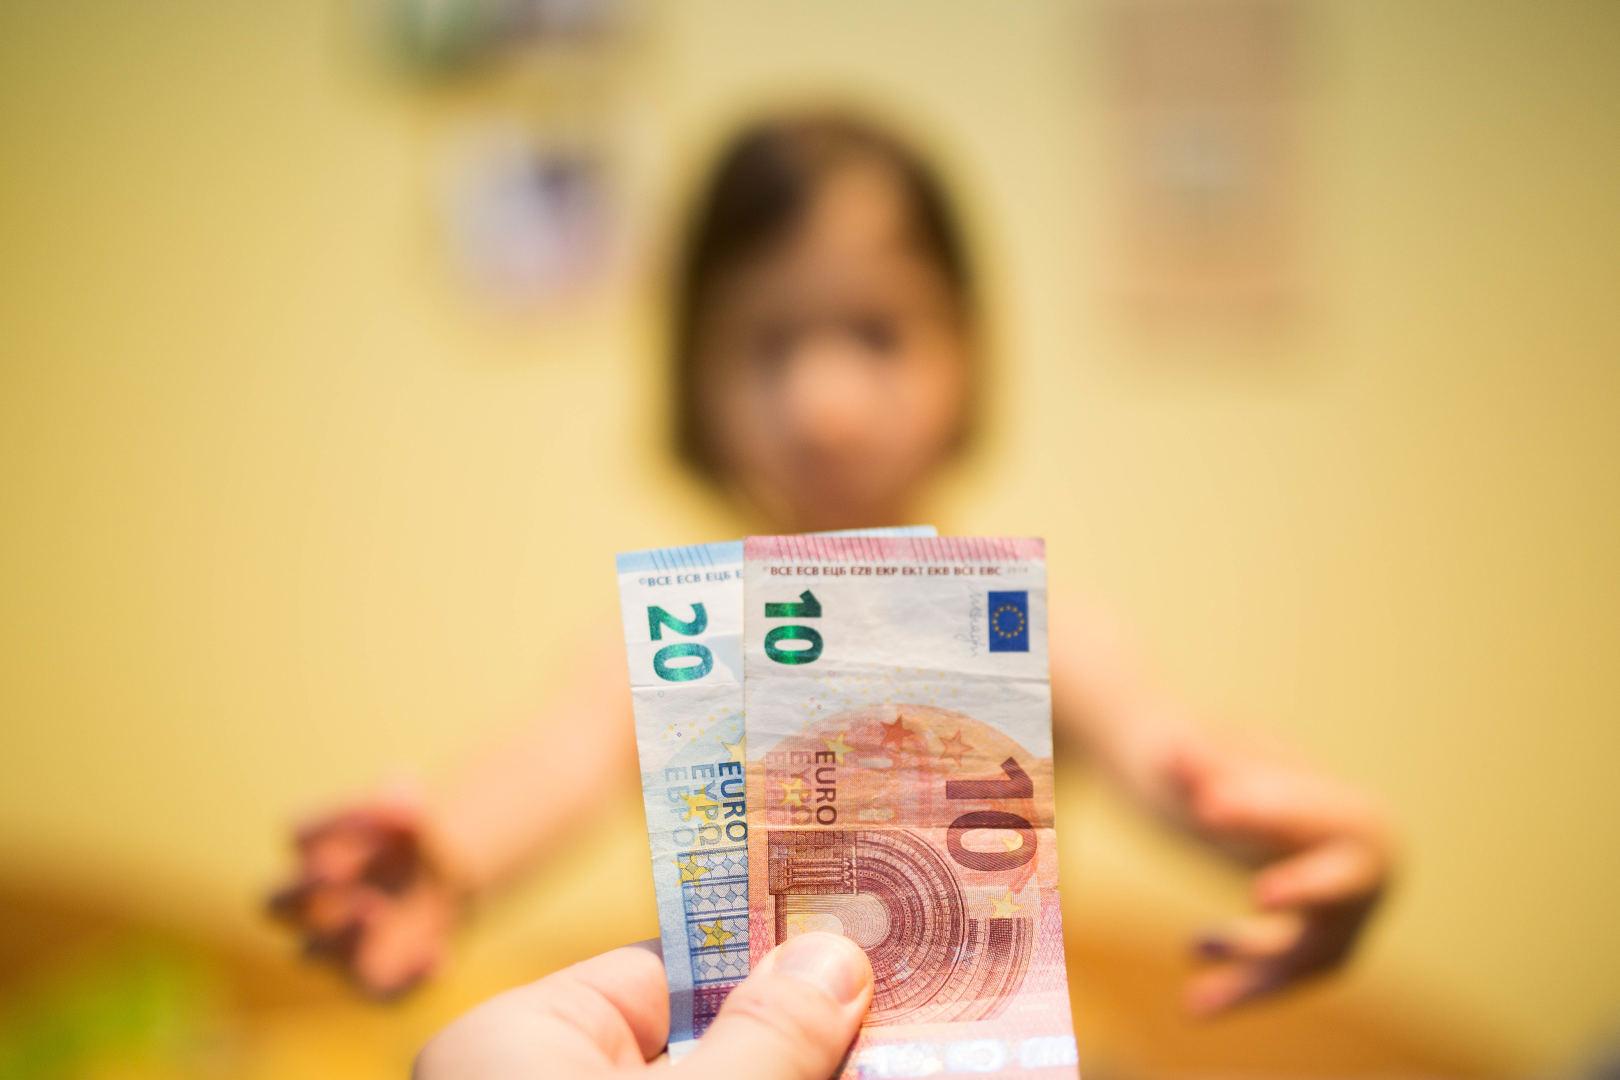 Pinigus iš internete